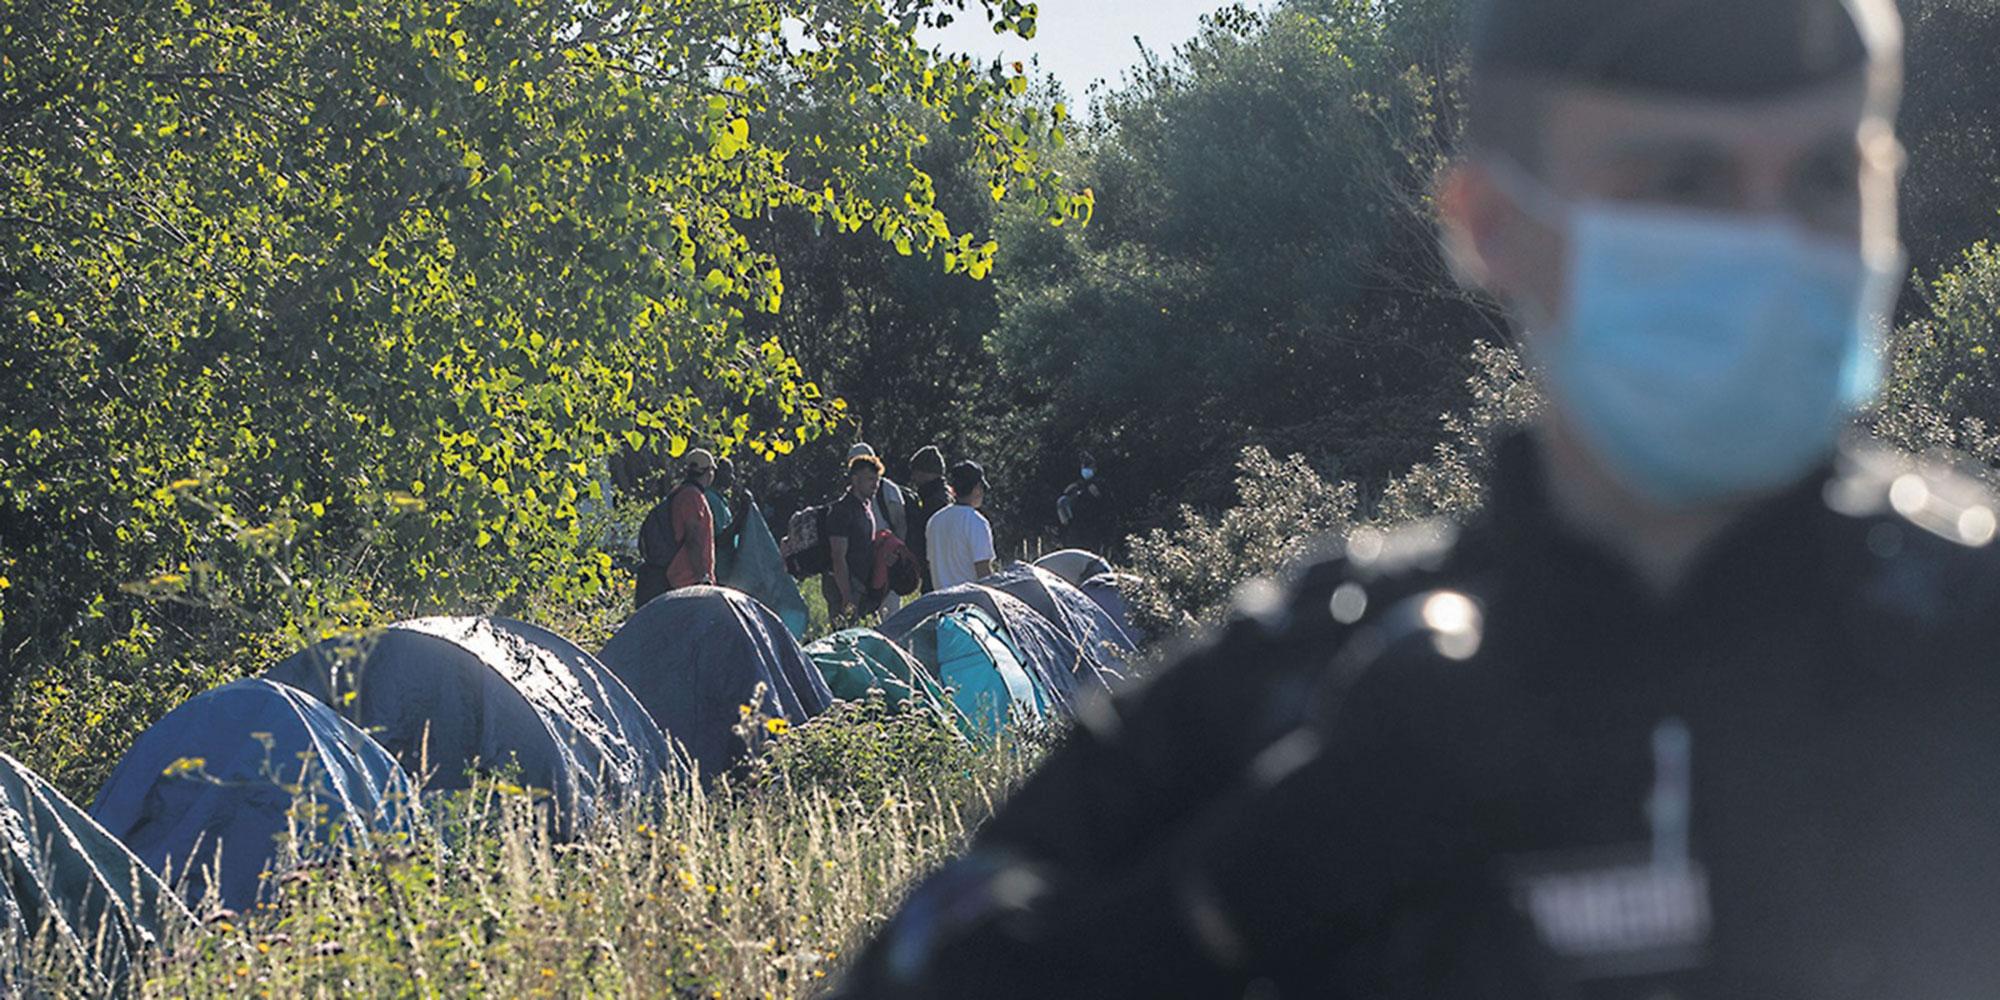 Opérations policières, soupçons de brutalité et de racisme : à Calais, les exilés sous pression